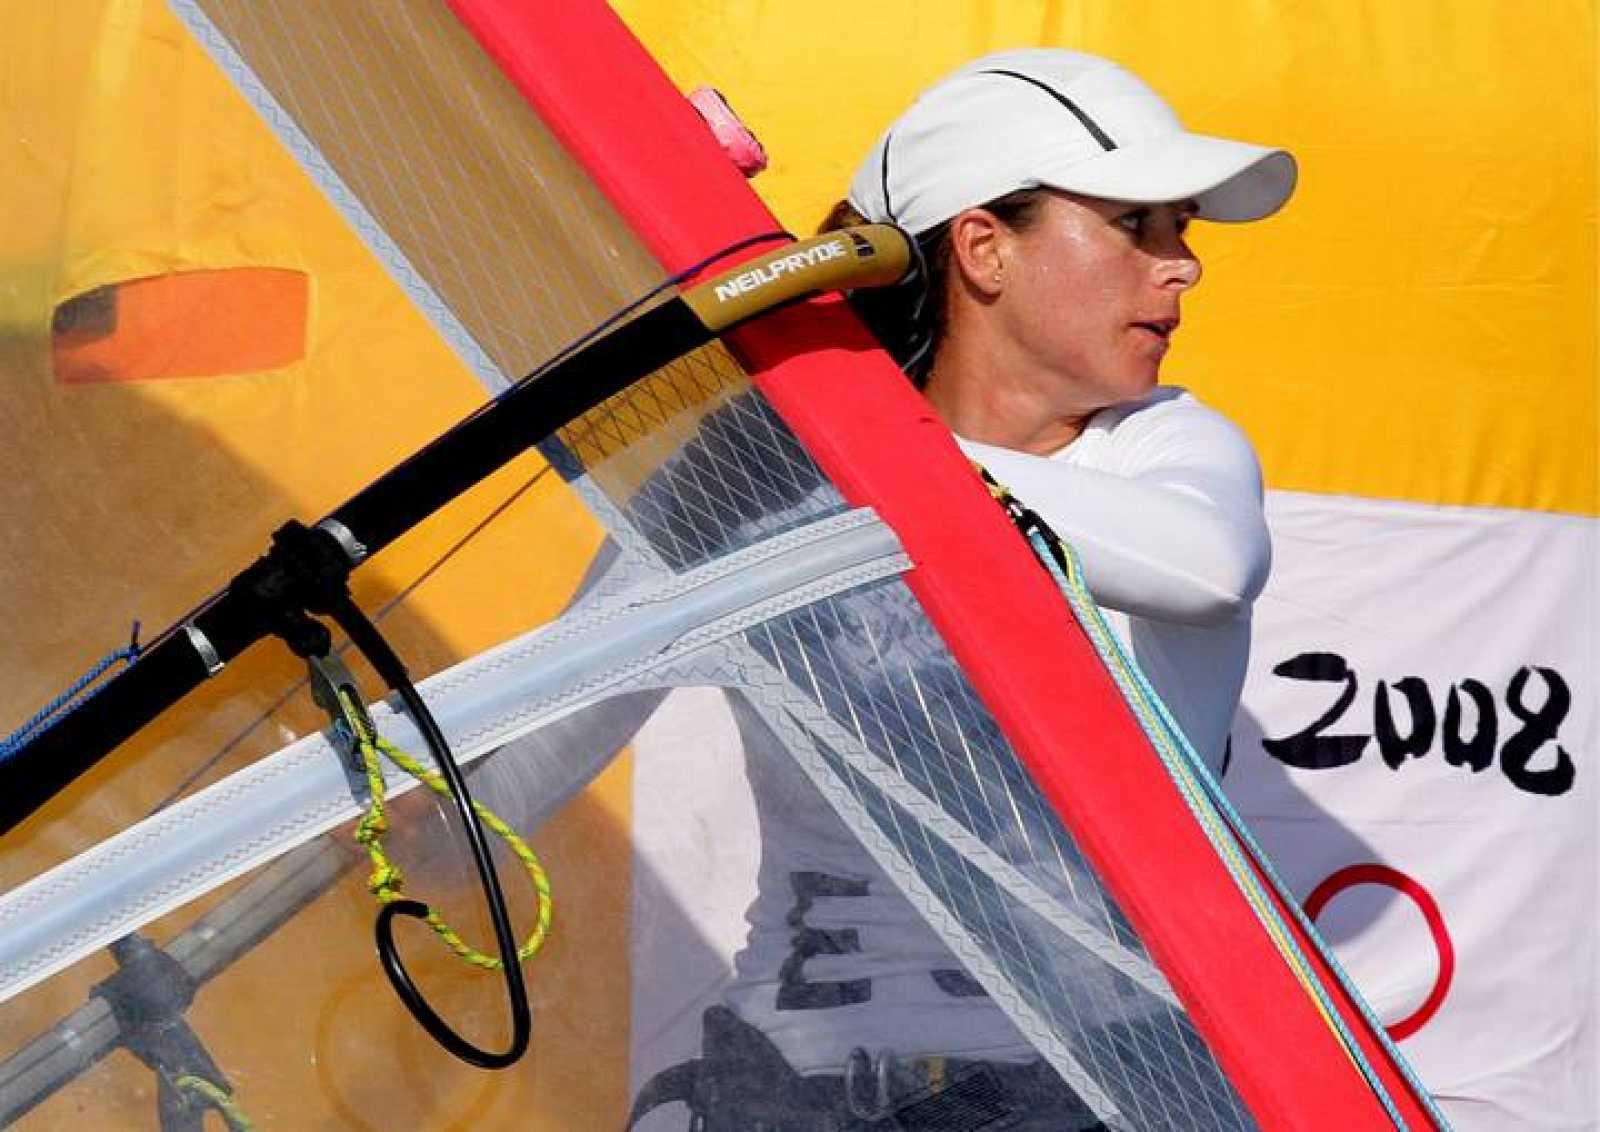 La regatista Marina Alabau disputará mañana la regata por las medallas de la tabla a vela RS:X femenino desde la quinta posición, a 13 puntos de la medalla de oro.